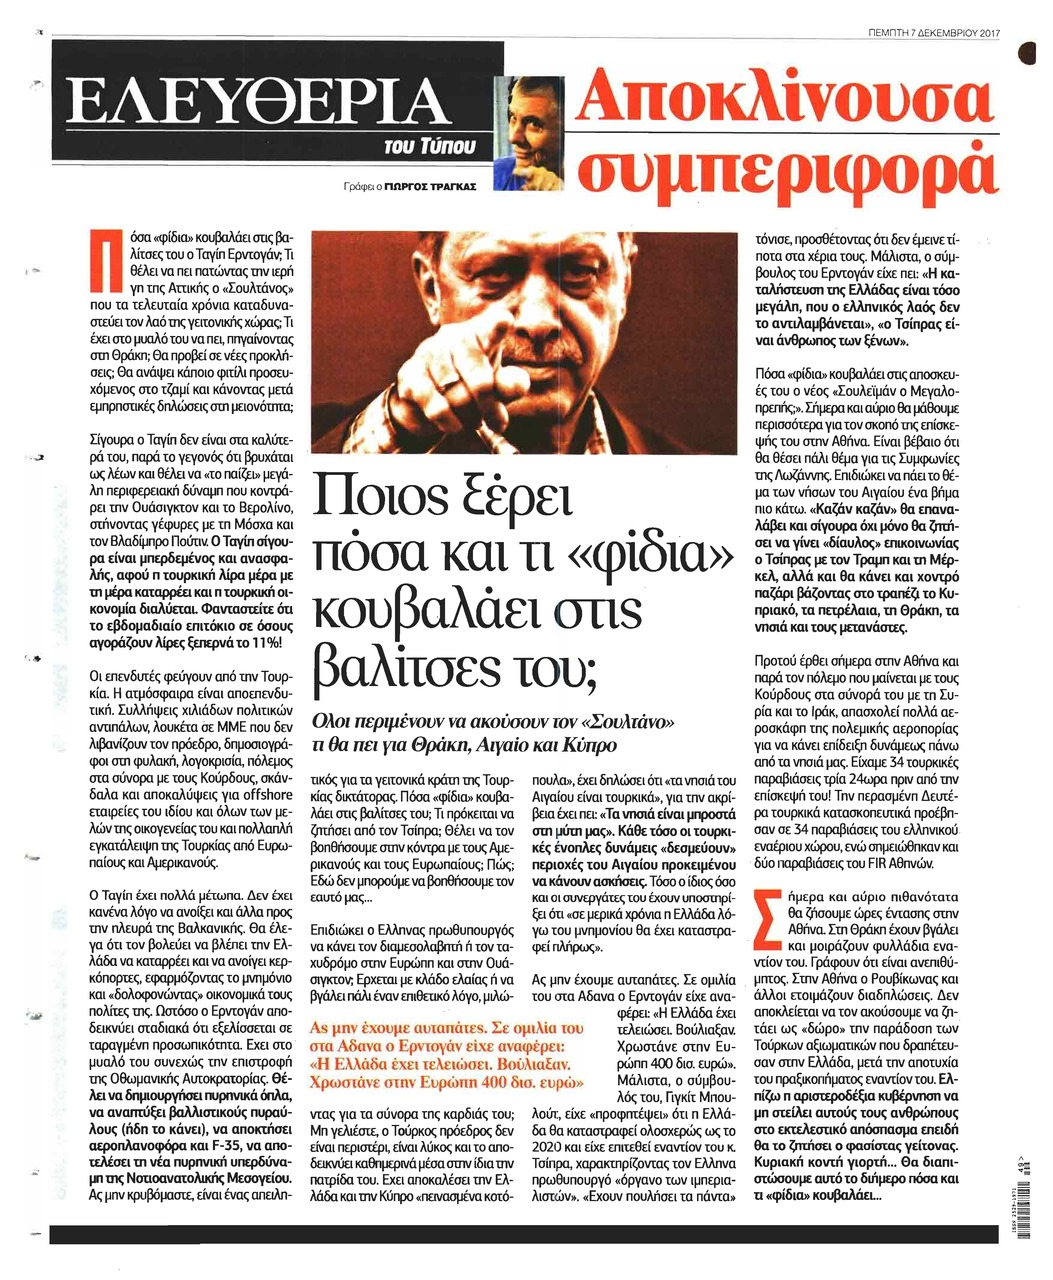 Οπισθόφυλλο εφημερίδας Ελευθερία του Τύπου